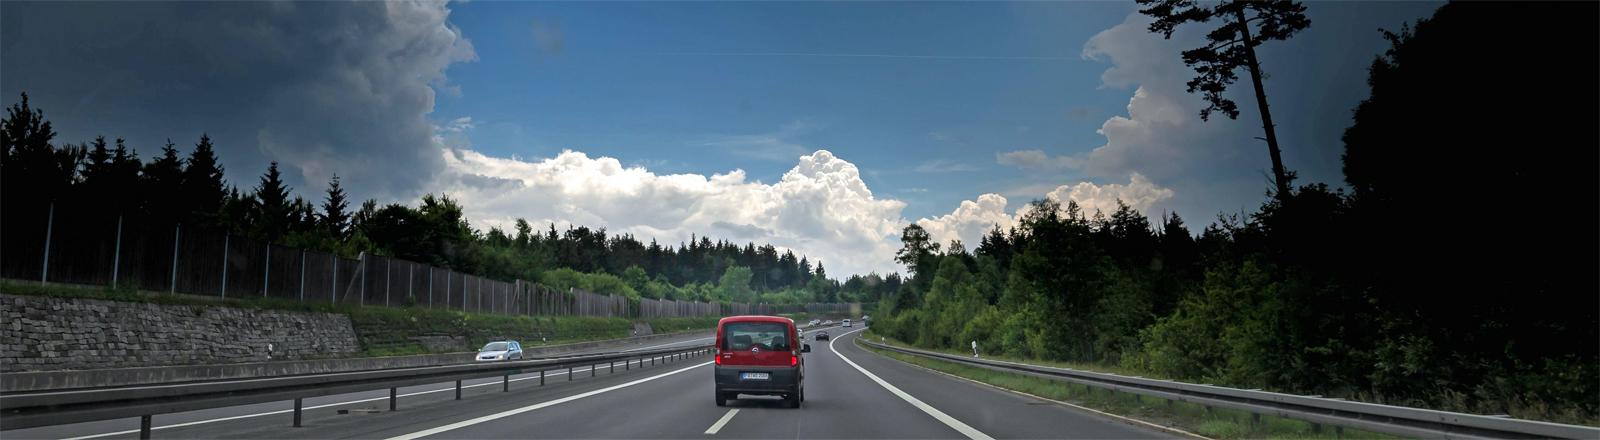 Natürliches Wolkenphänomen auf der A2 bei Zwickau